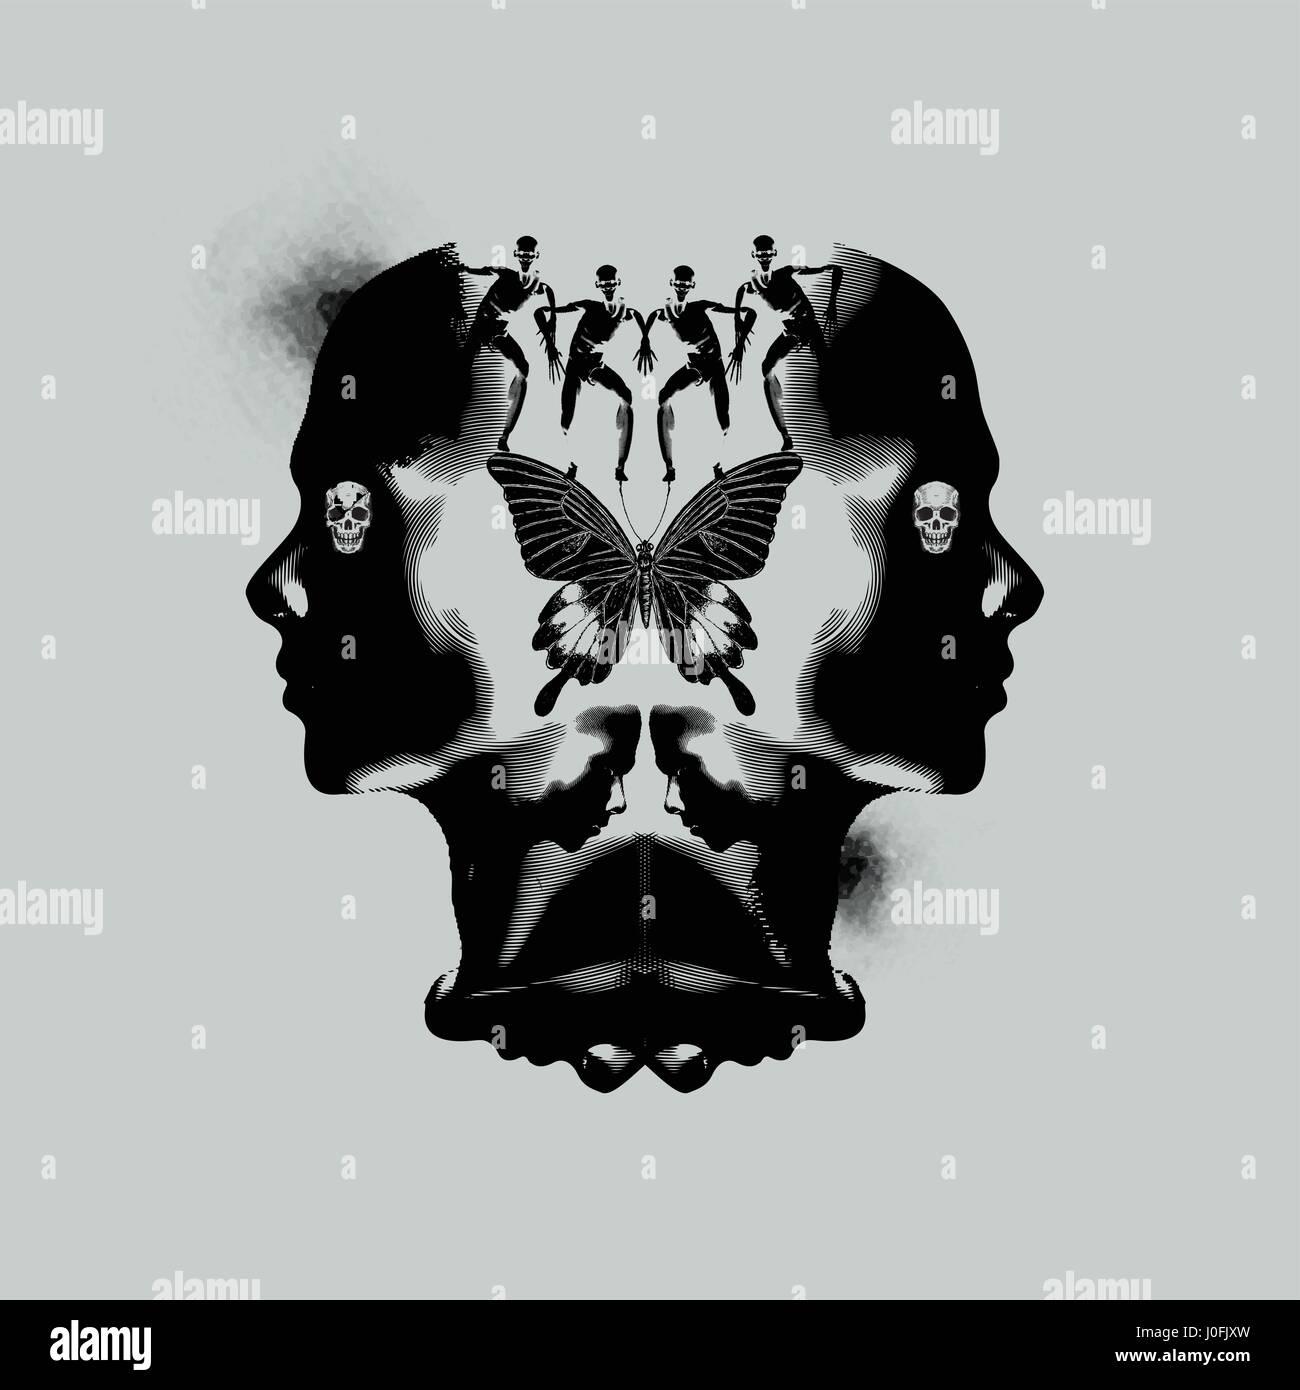 La mente umana, pensando ed emotivo di illustrazione astratta scuro con macchie di inchiostro. Immagini Stock